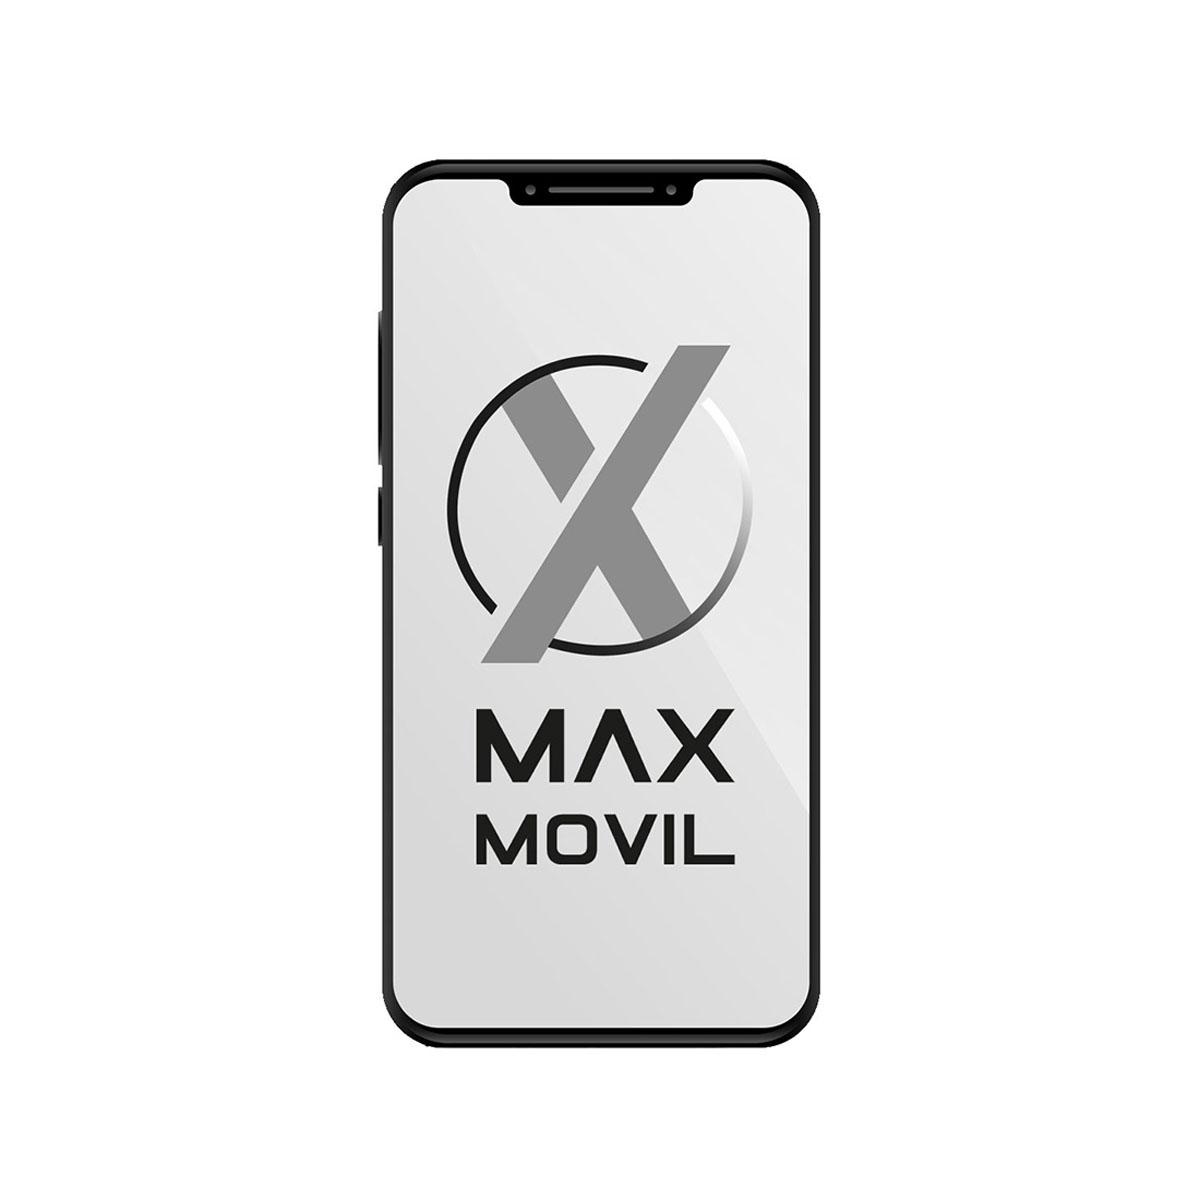 Samsung Galaxy Note 20 5G 8GB/256GB Gris (Mystic Gray) Dual SIM N981B